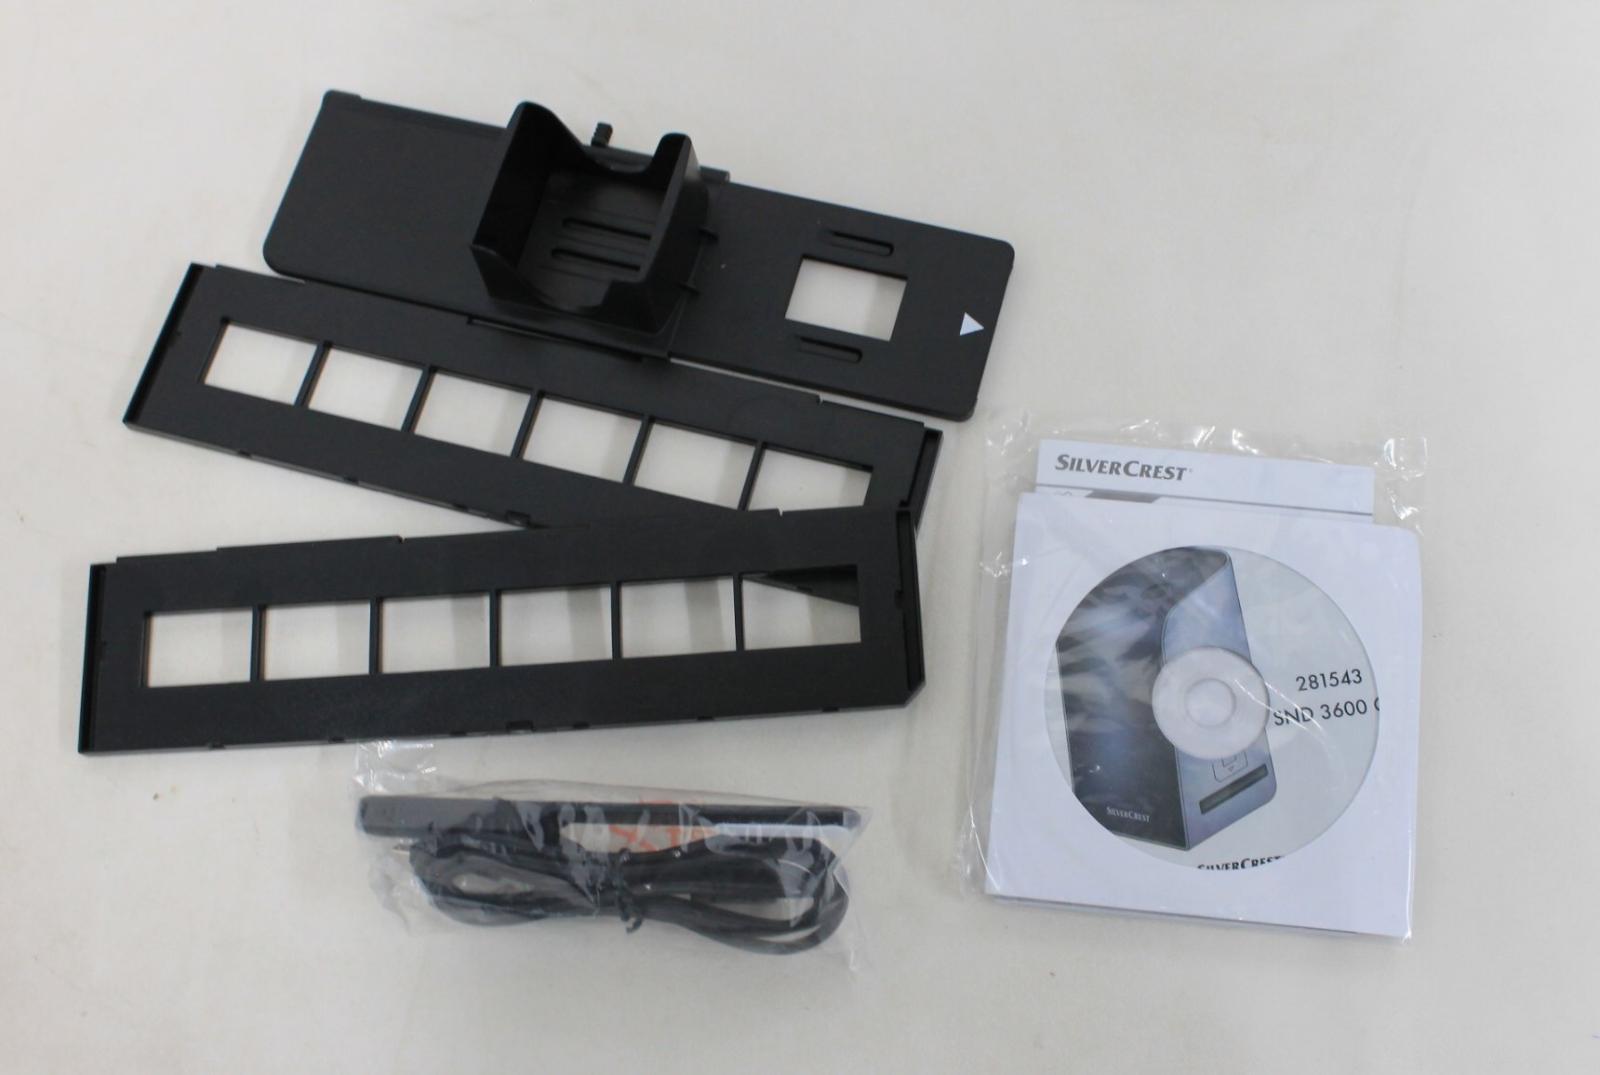 SILVERCREST-Negative-amp-Slide-Digitiser-Scanner-w-5MP-HD-CMOS-Sensor-NEW thumbnail 8